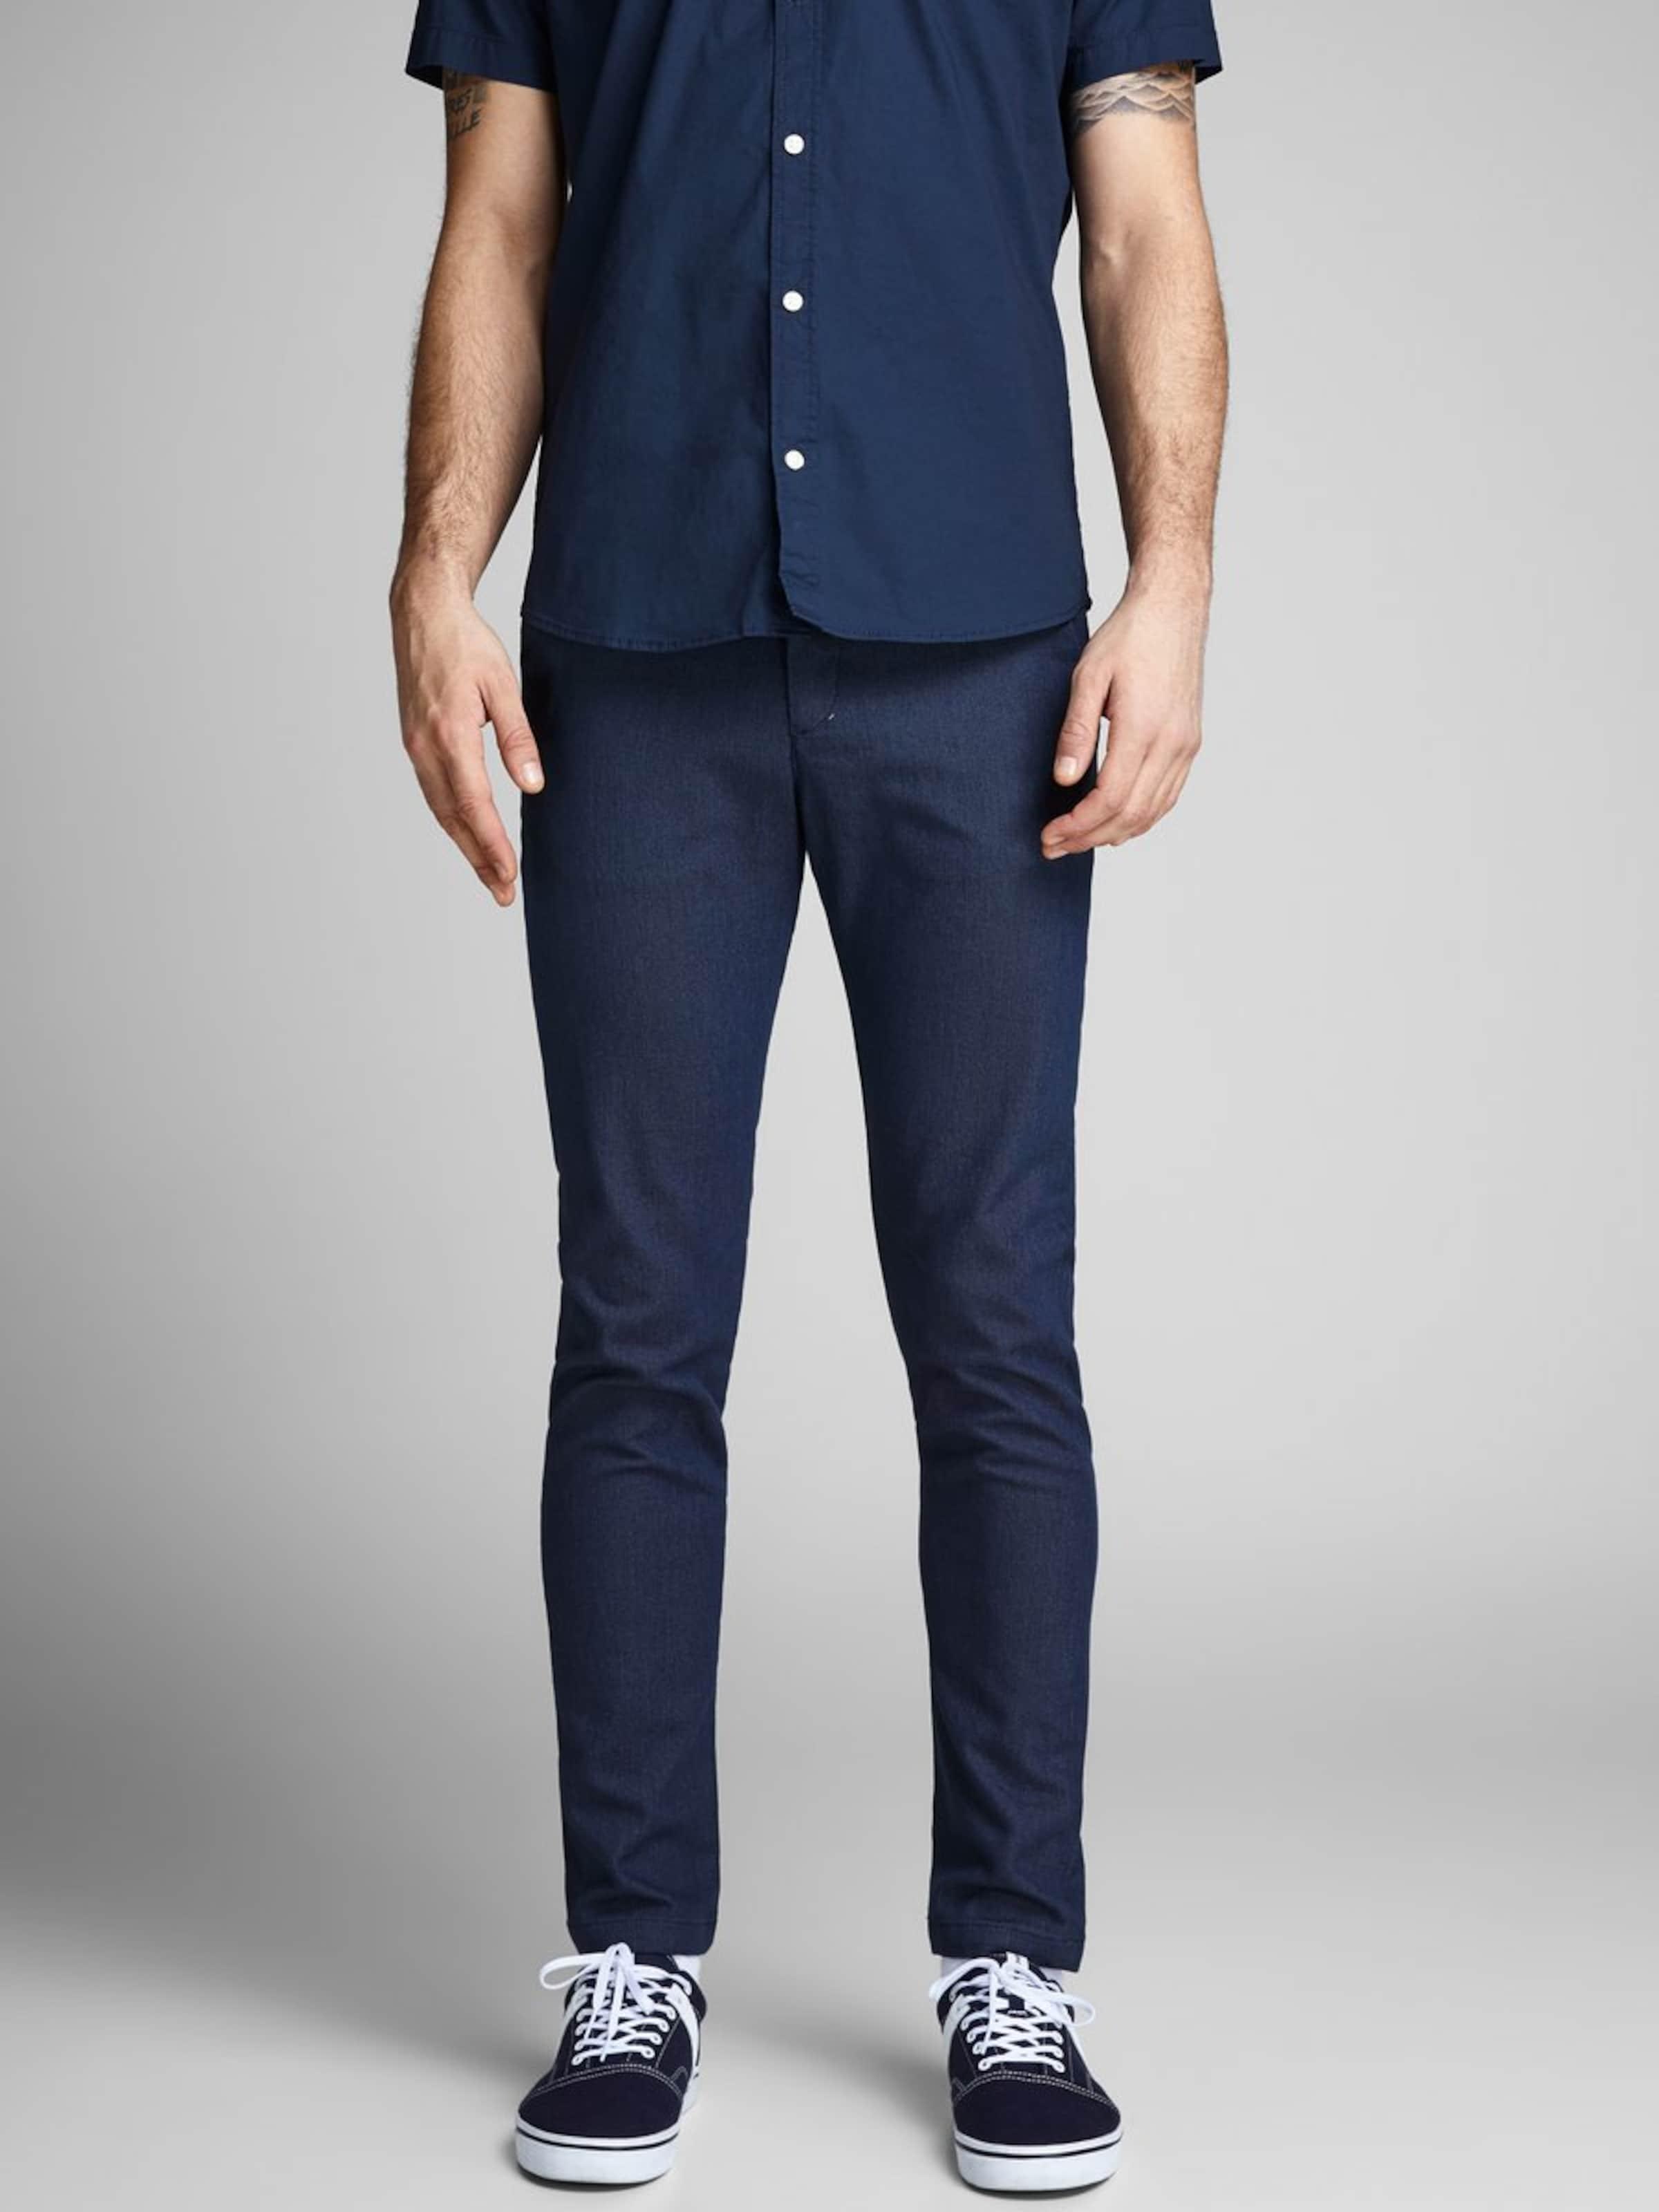 'marco Sts' 635 B NavyWeiß Jones Jeans Cuba Akm In Jackamp; uPkXZiO